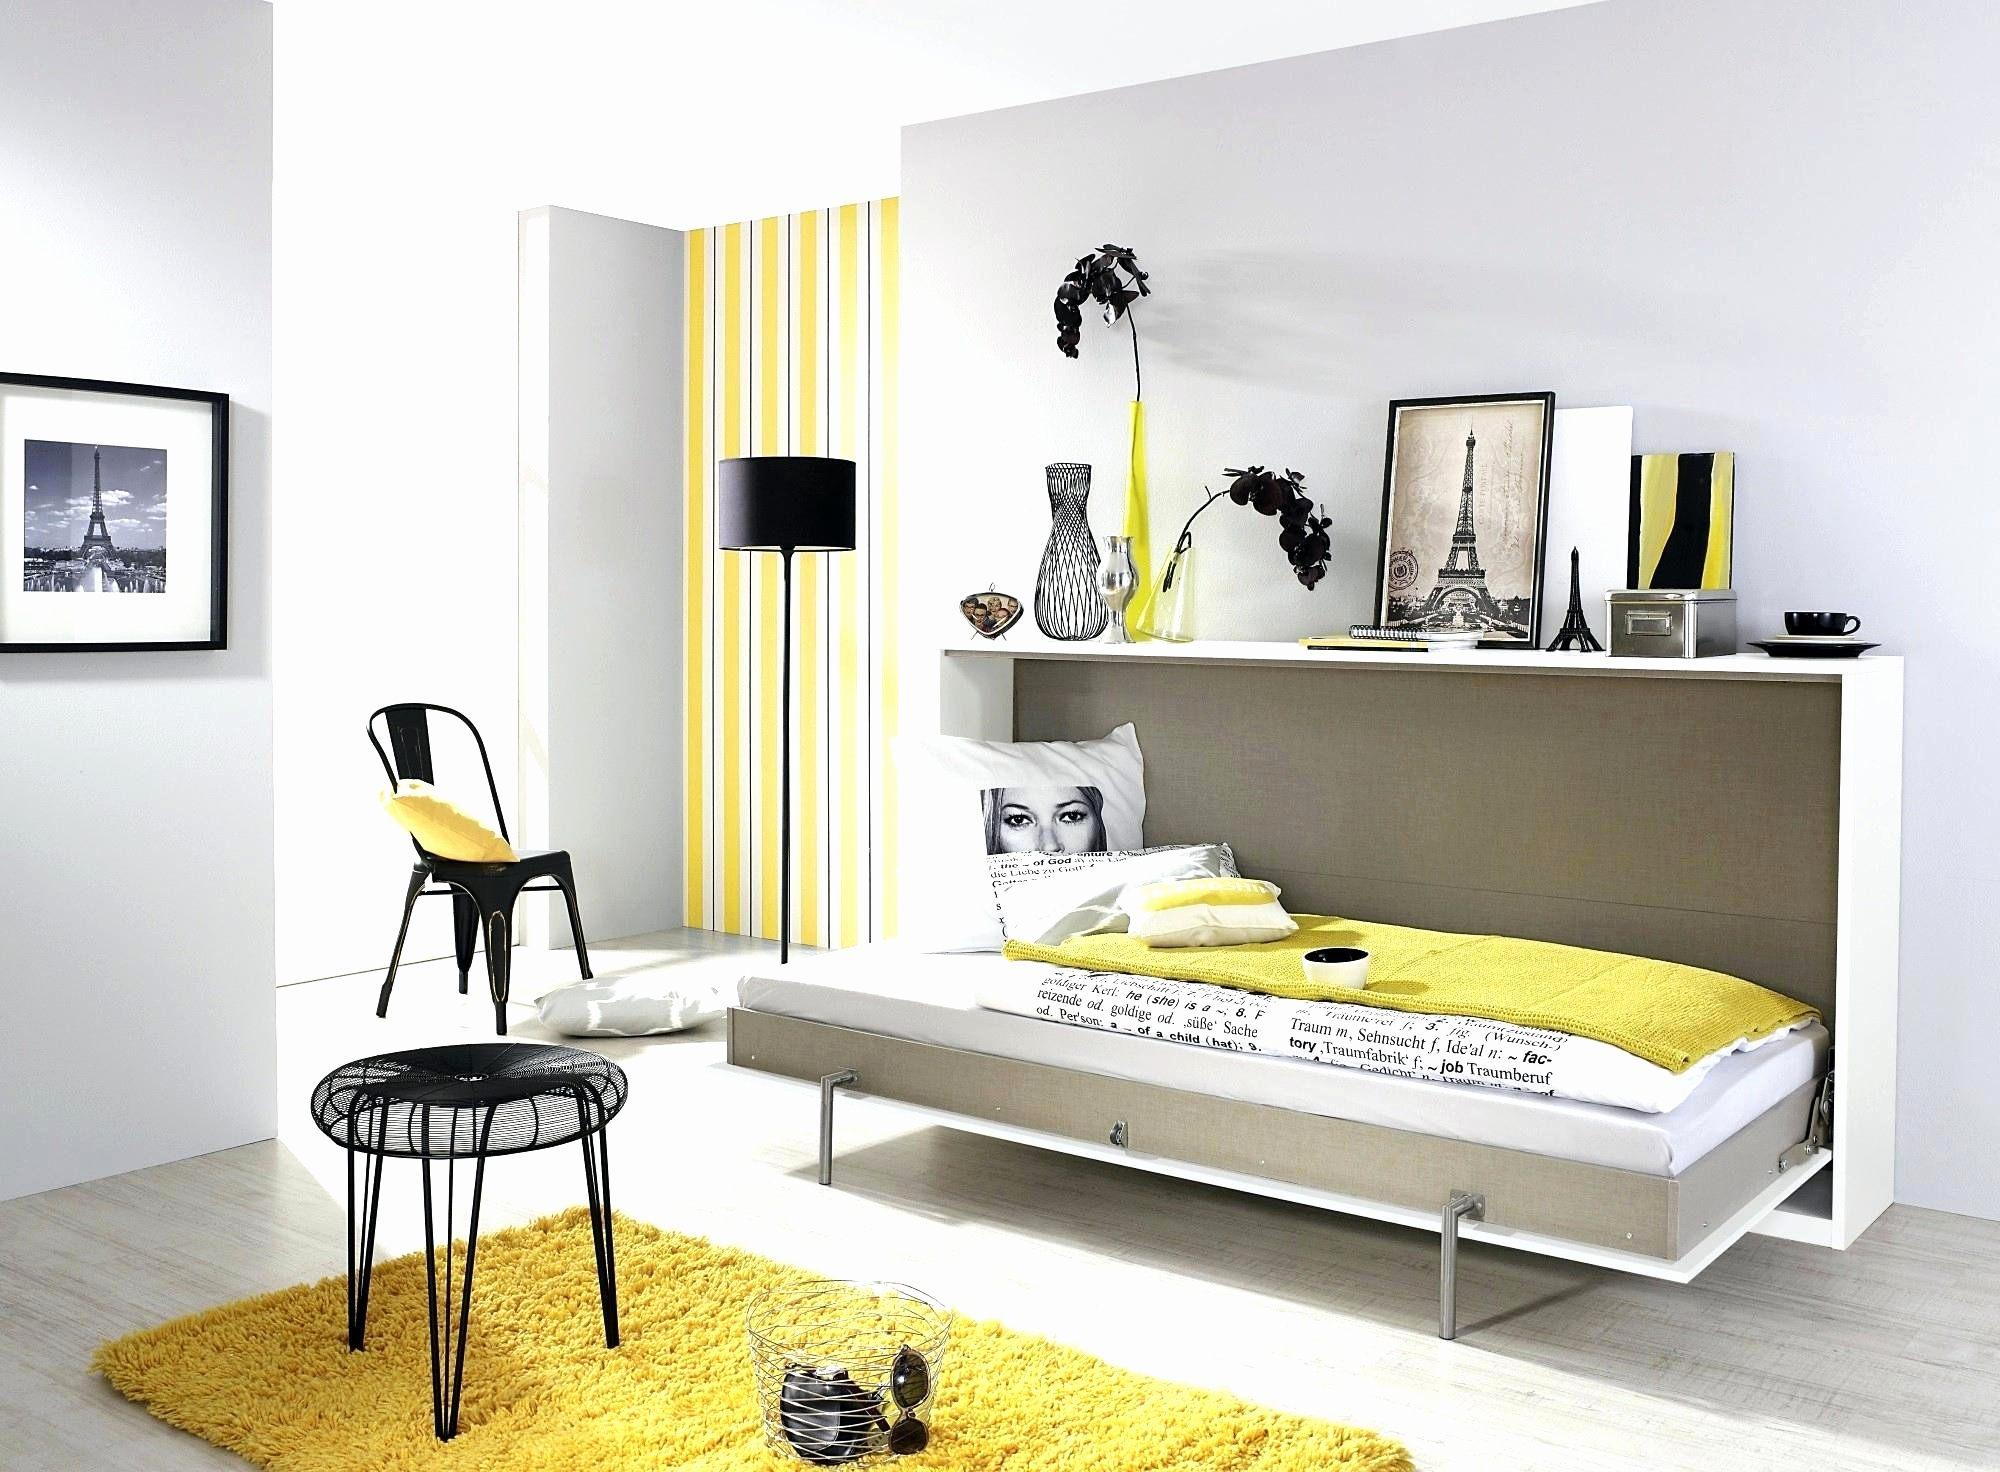 Tete De Lit Cocooning Magnifique Lit Tete De Lit Rangement Meilleur De Tete De Lit Ikea 180 Fauteuil